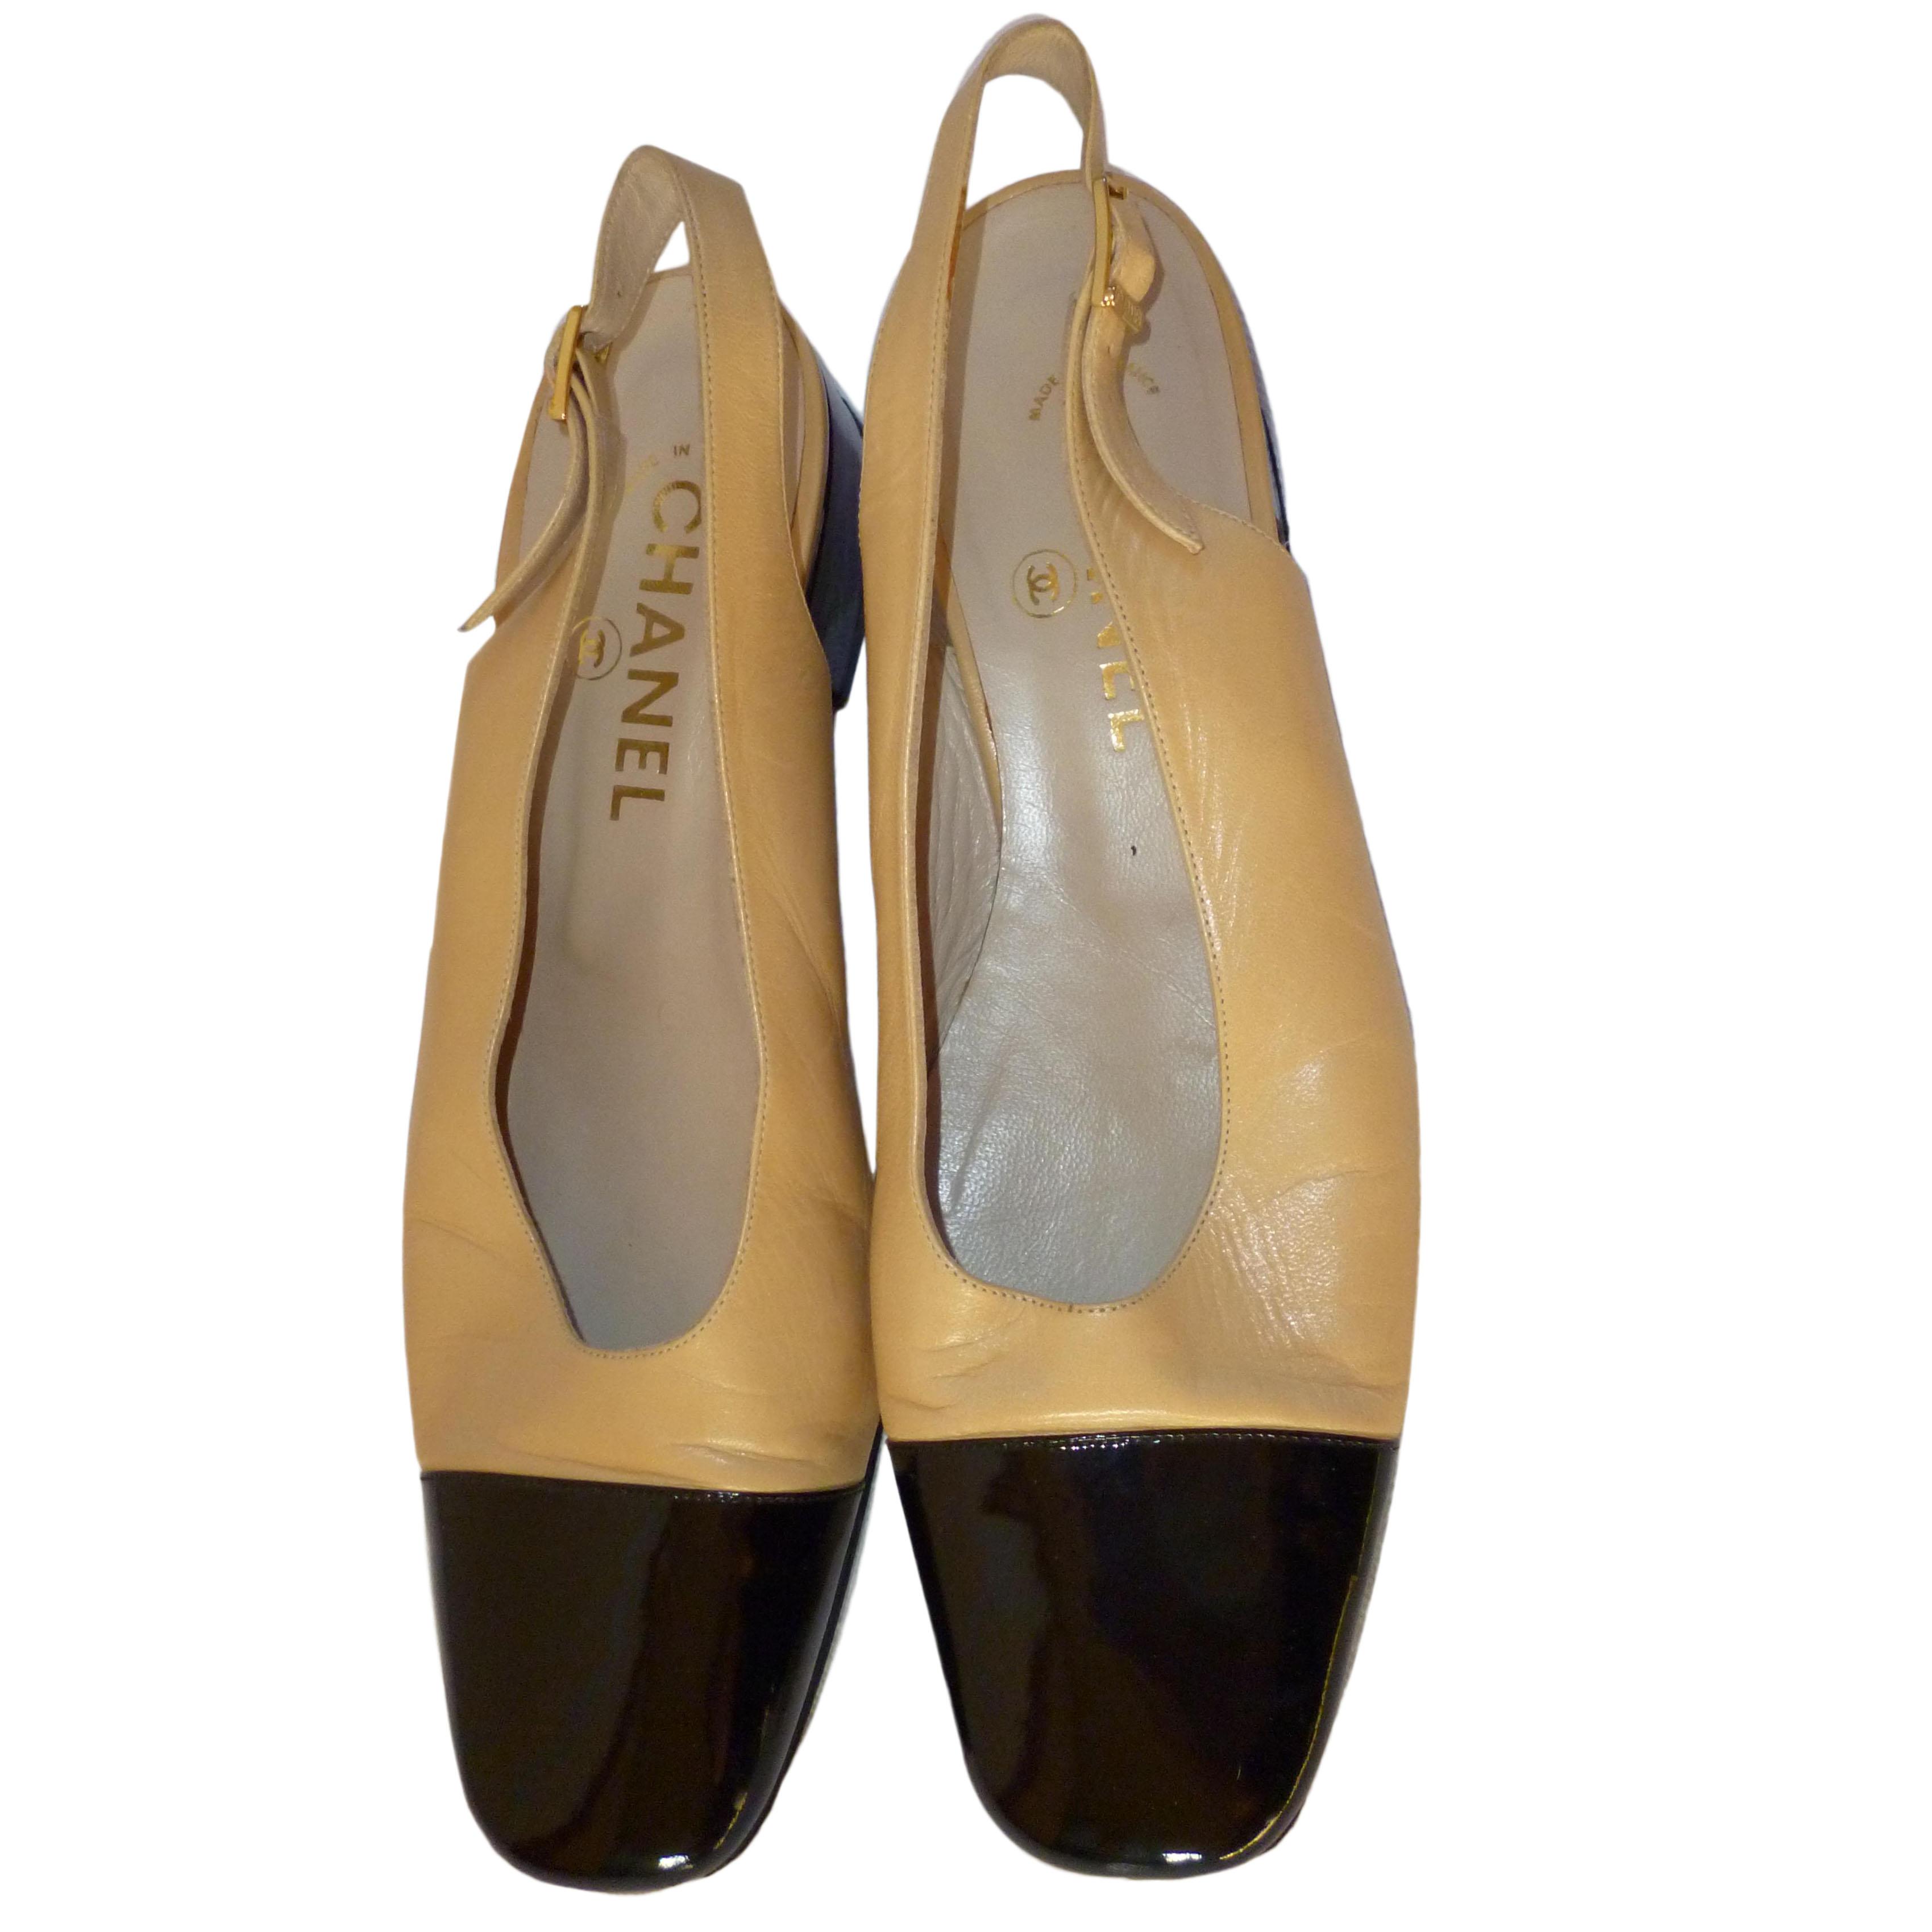 Vintage Chanel Shoes Uk Euro   HEWI